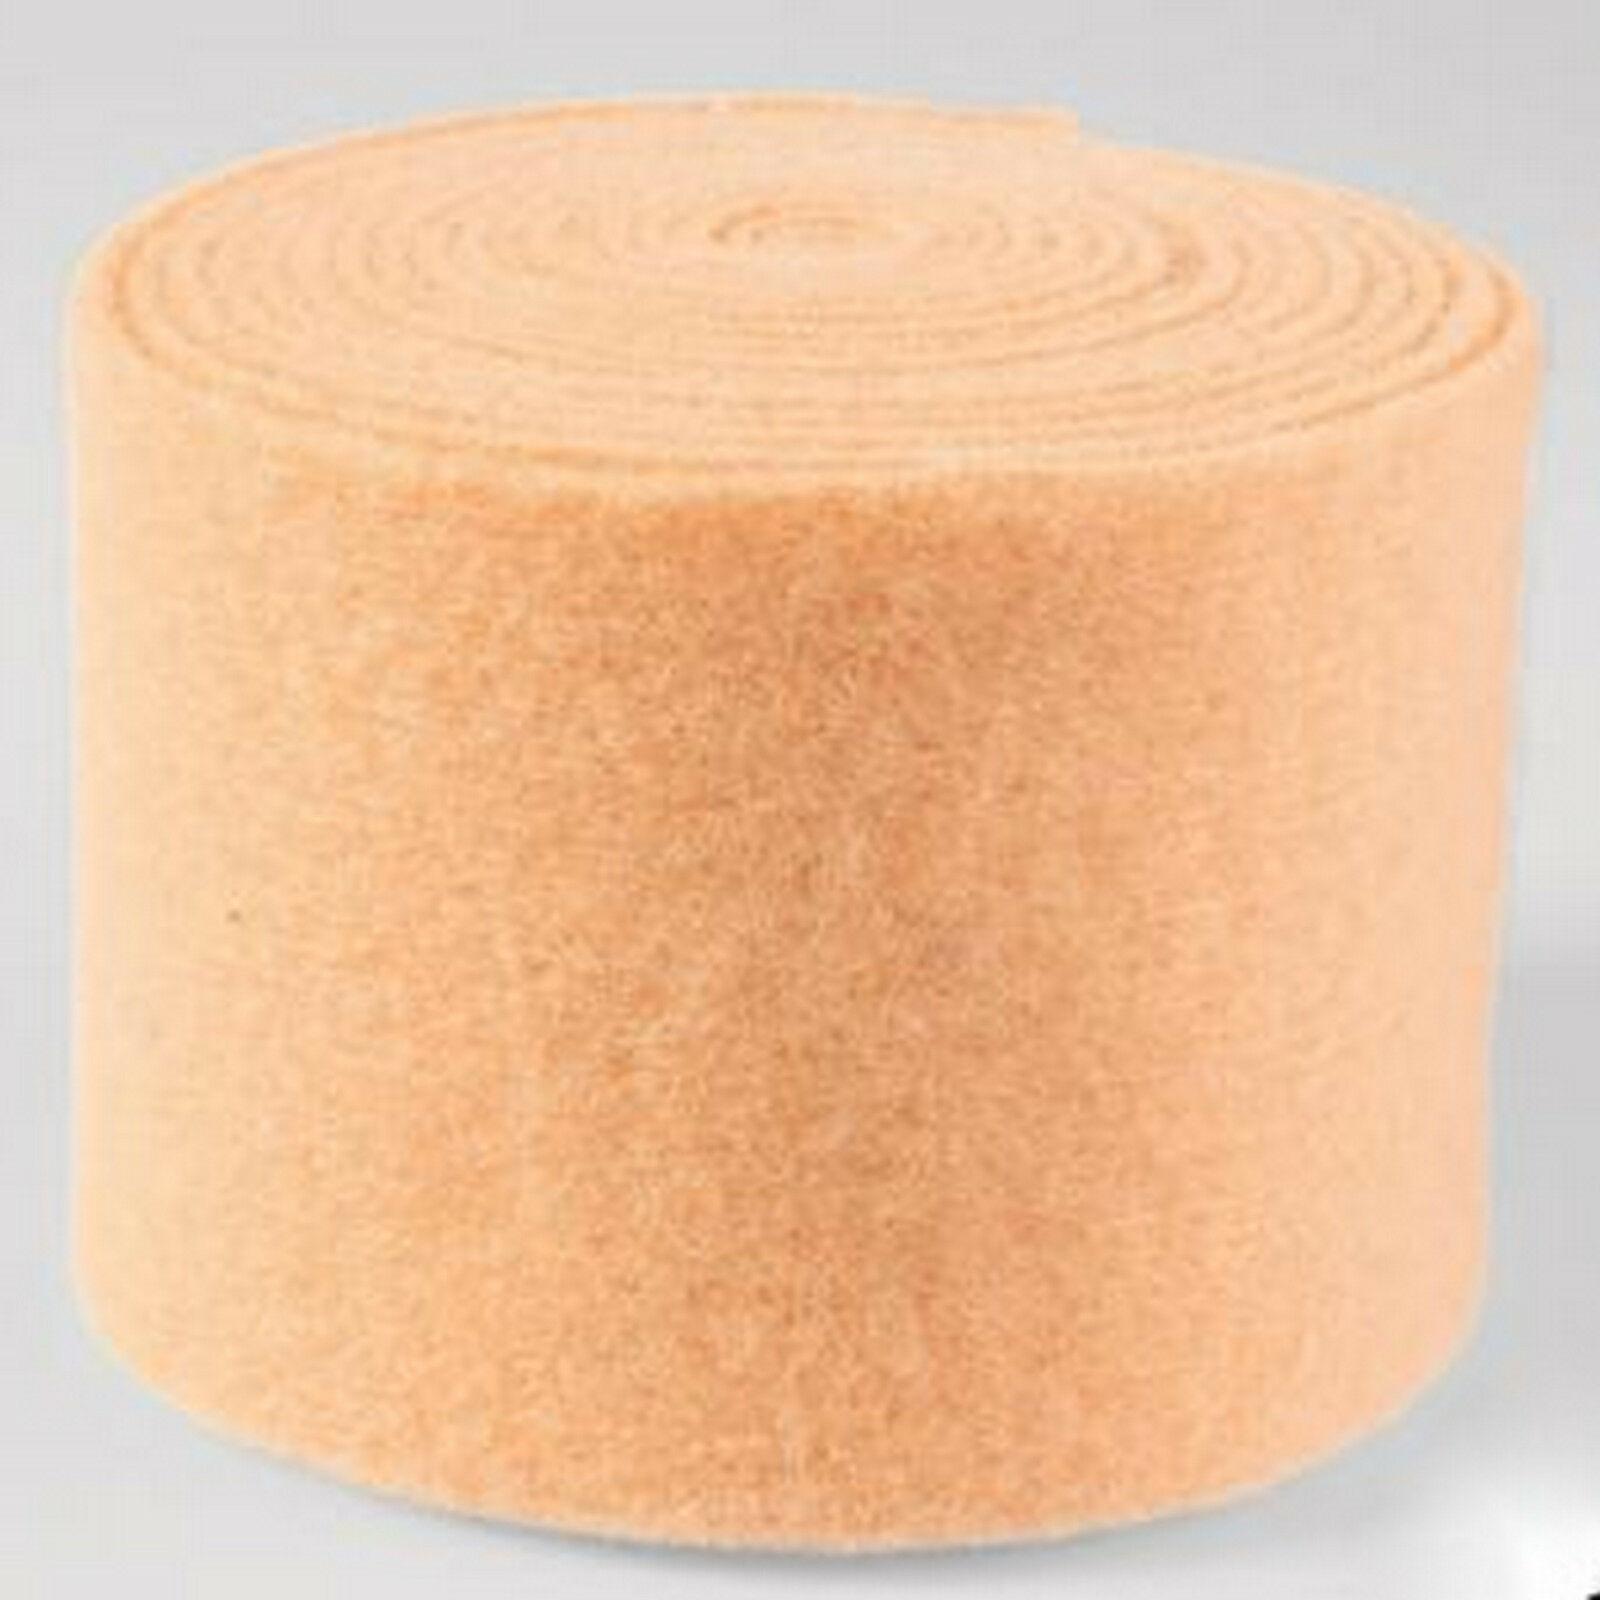 Topfband Filz 5 m x 15 cm Dekoband Wollvlies Filzband Wollband Schafwolle Bastel - Aprikot